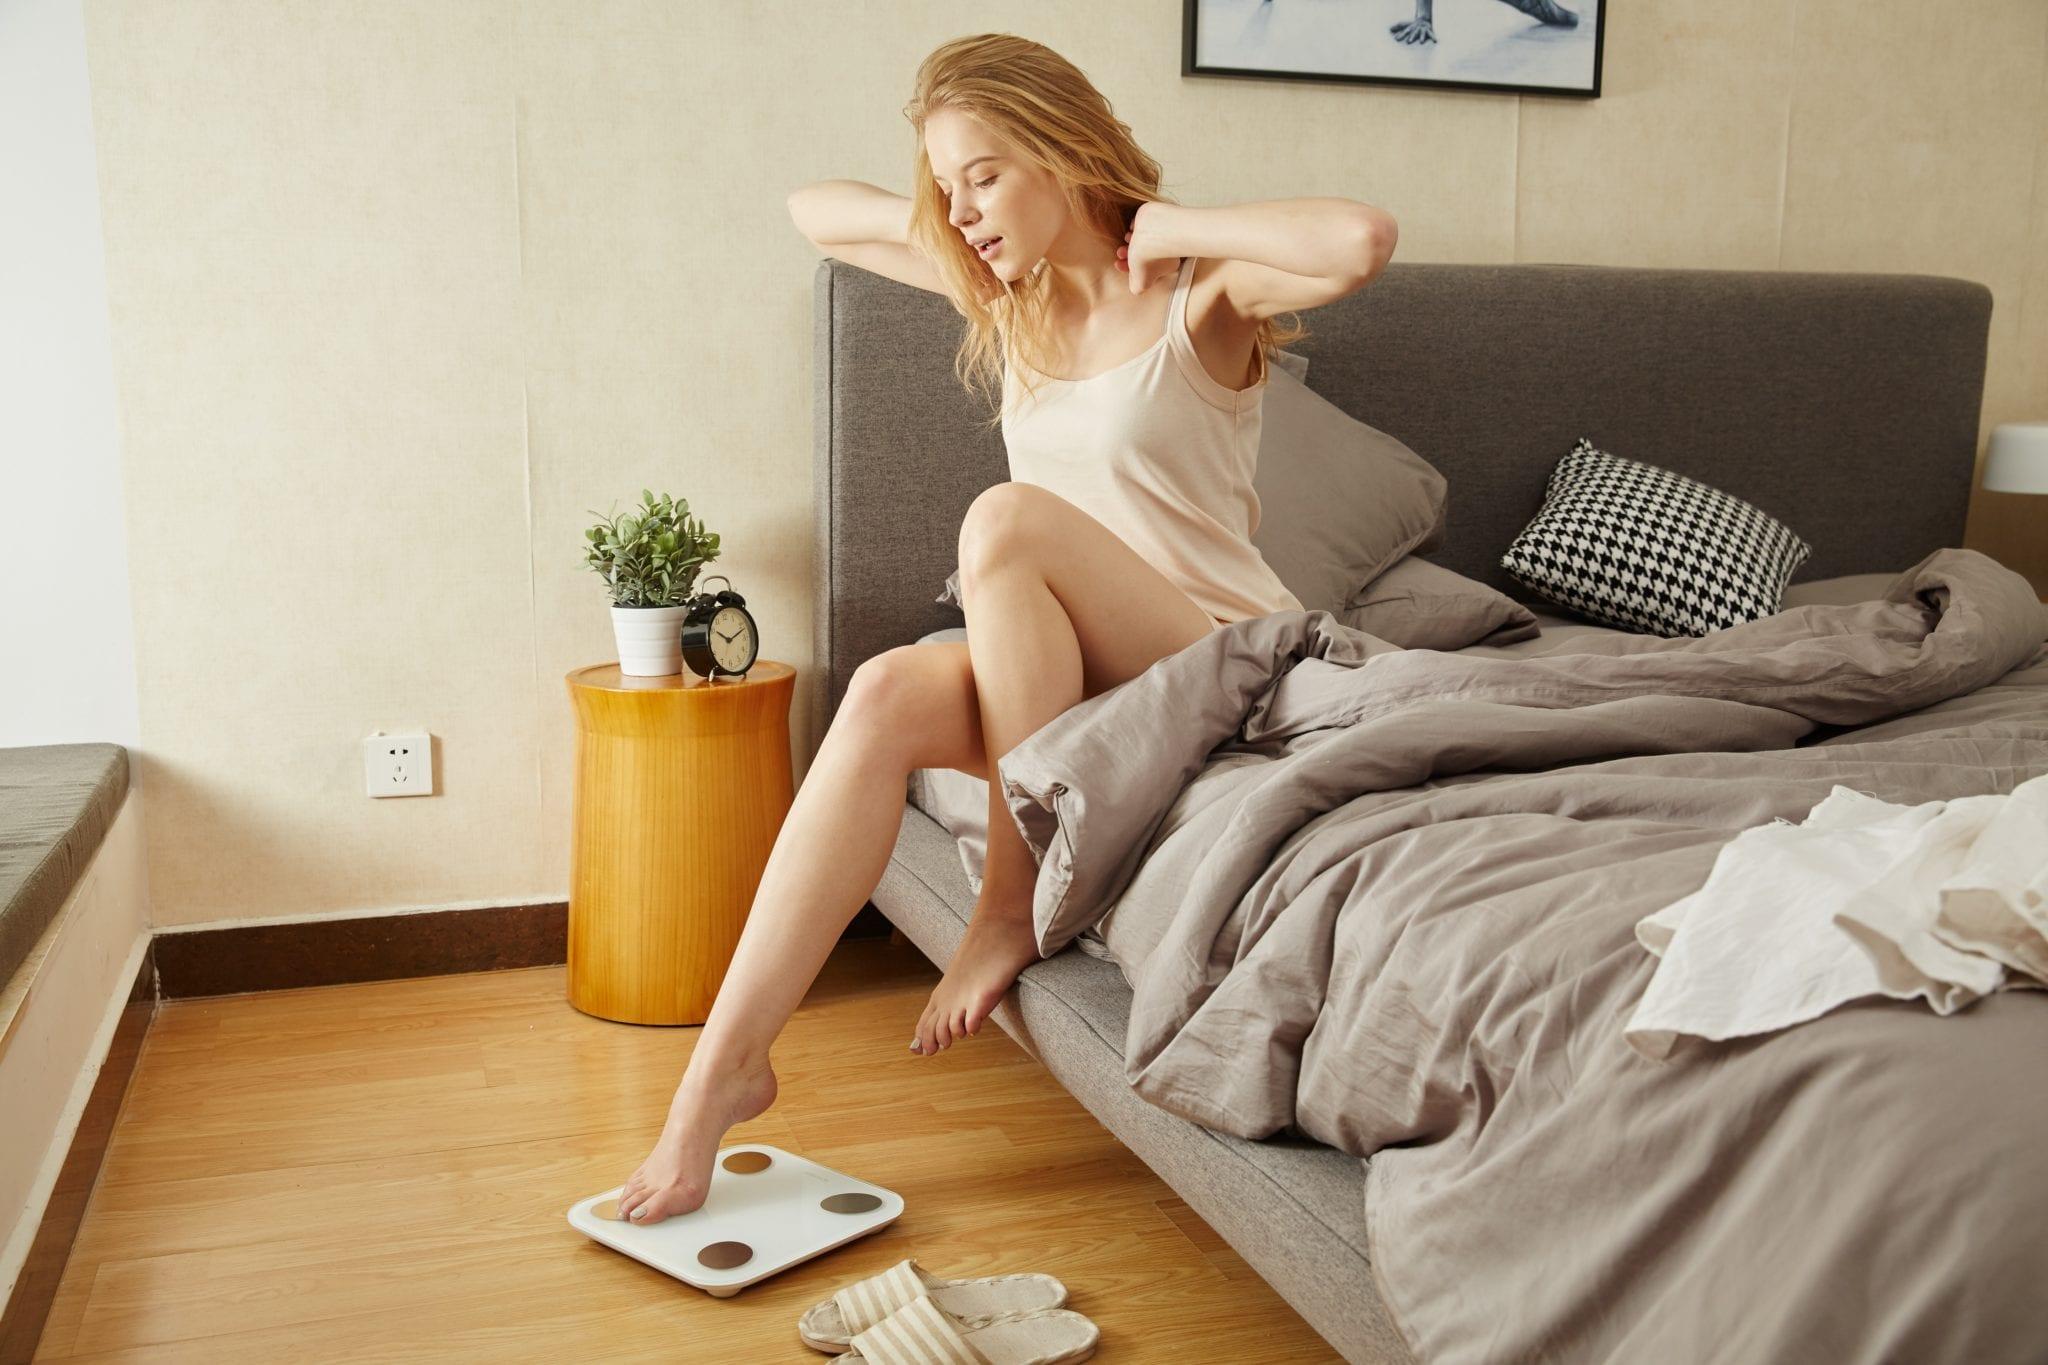 นอนกรน, กรน, แก้อาการนอนกรนด้วยตัวเอง, แก้นอนกรน